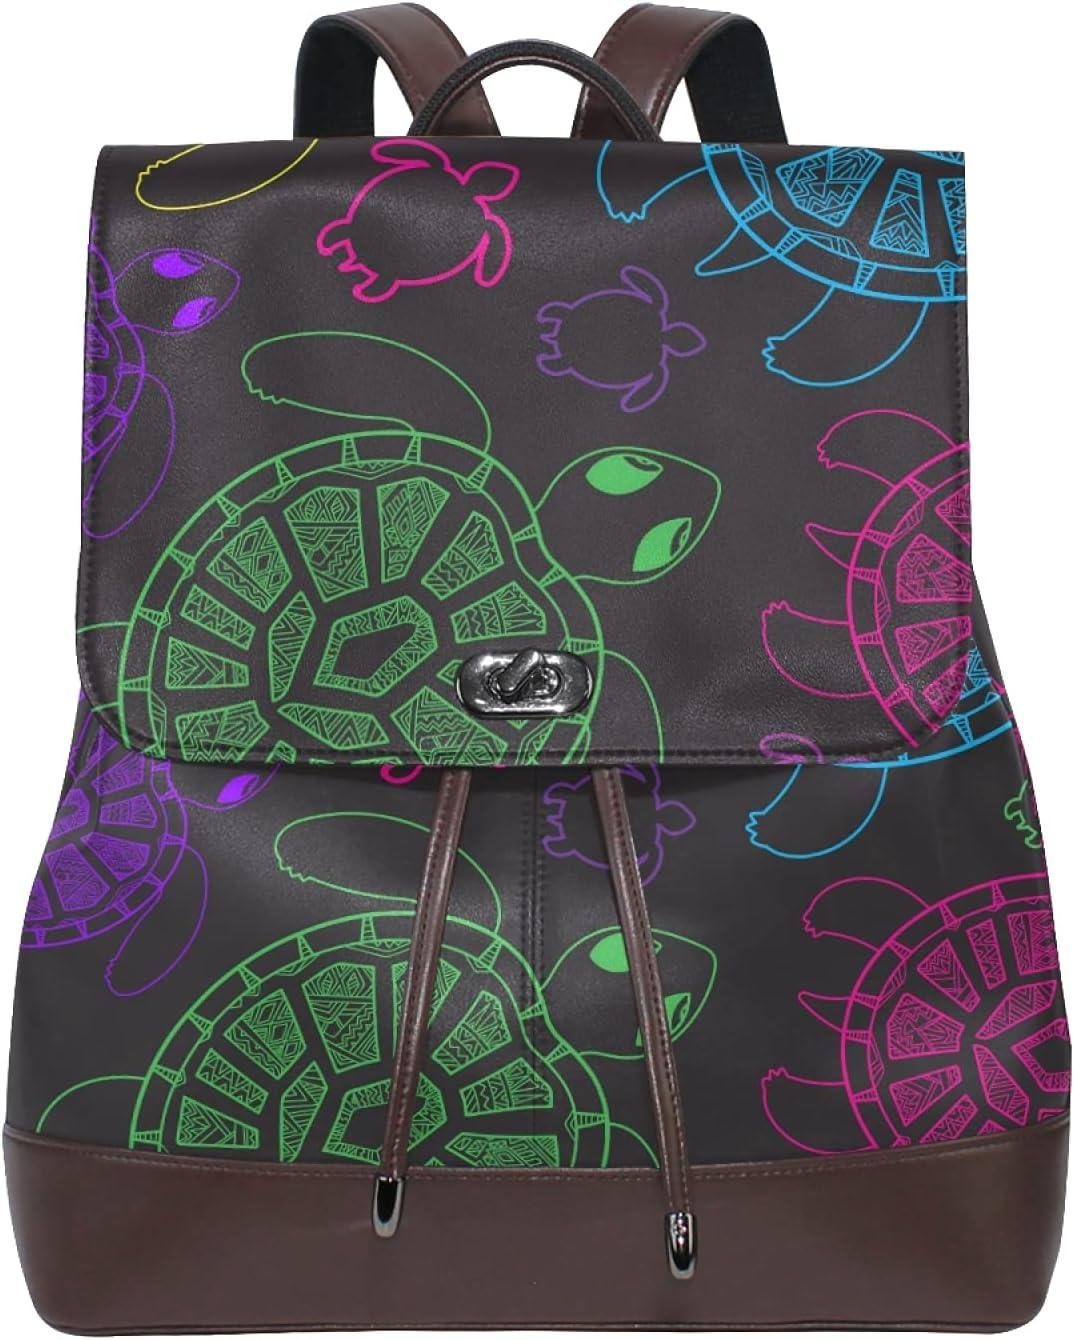 Women Leather Backpack Ladies Popular popular 2021 model Fashion Travel Large Bag Shoulder